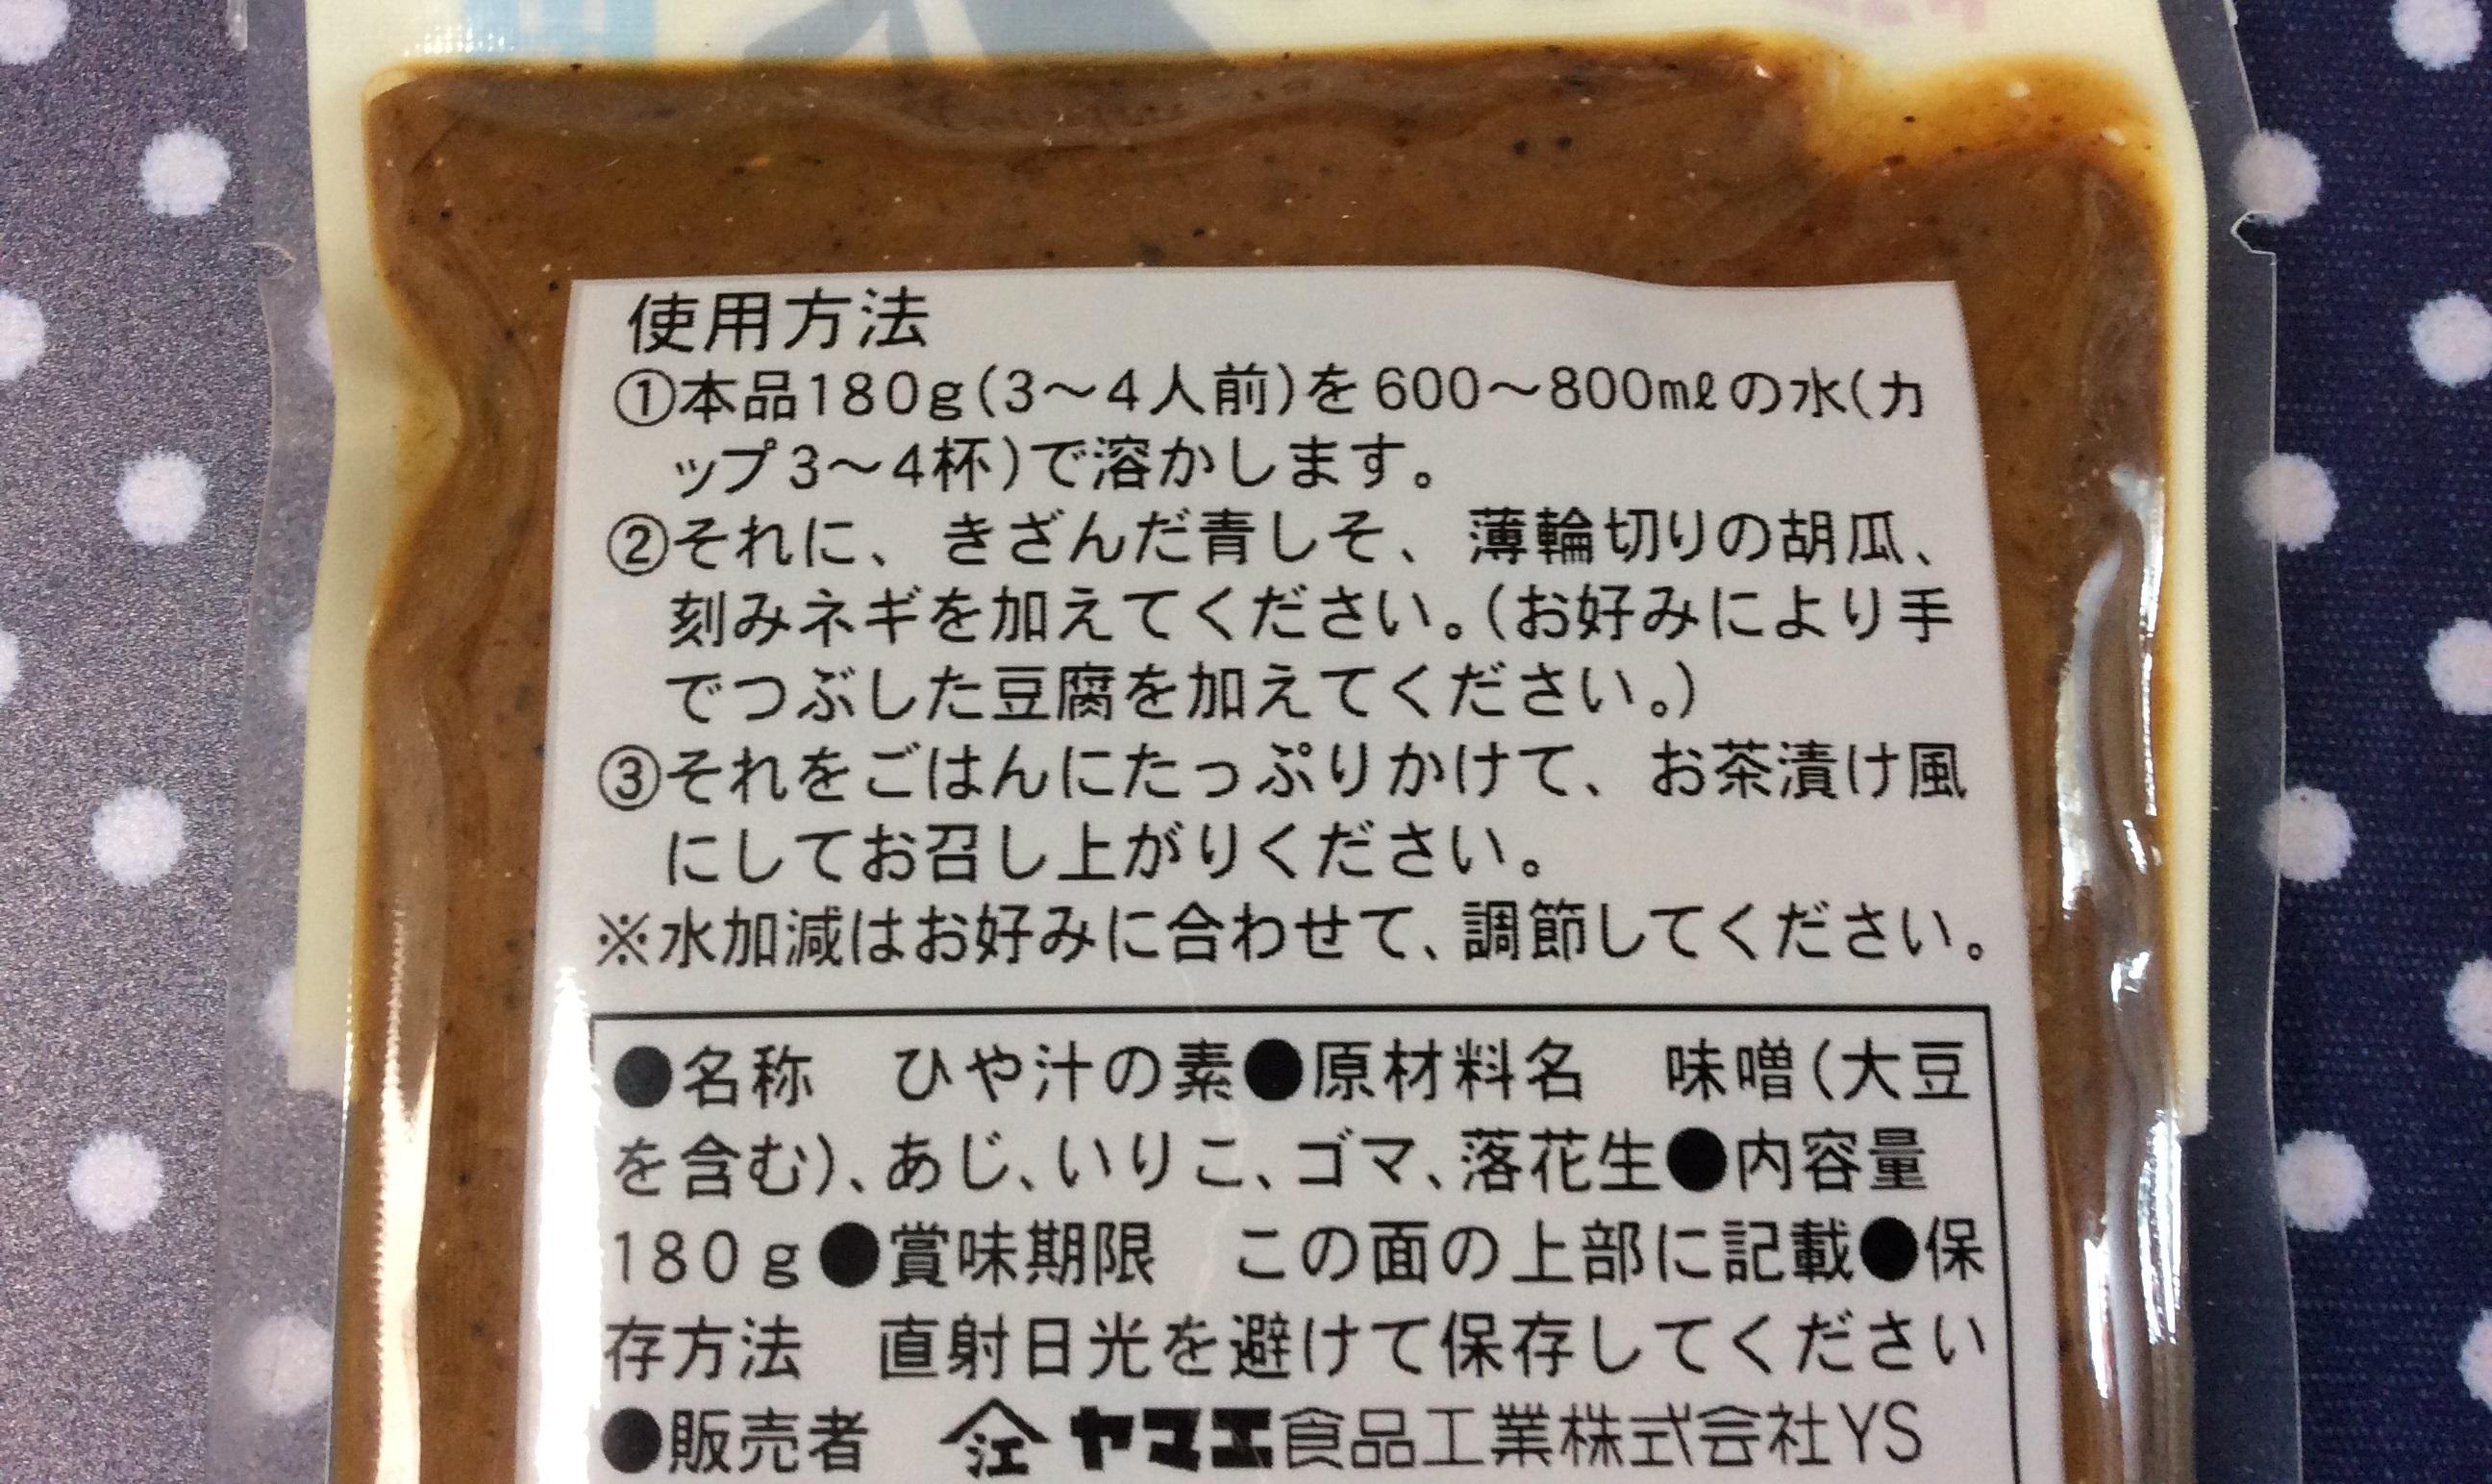 9C405EE2-937A-4DA7-86BE-B74B745DD106.jpeg